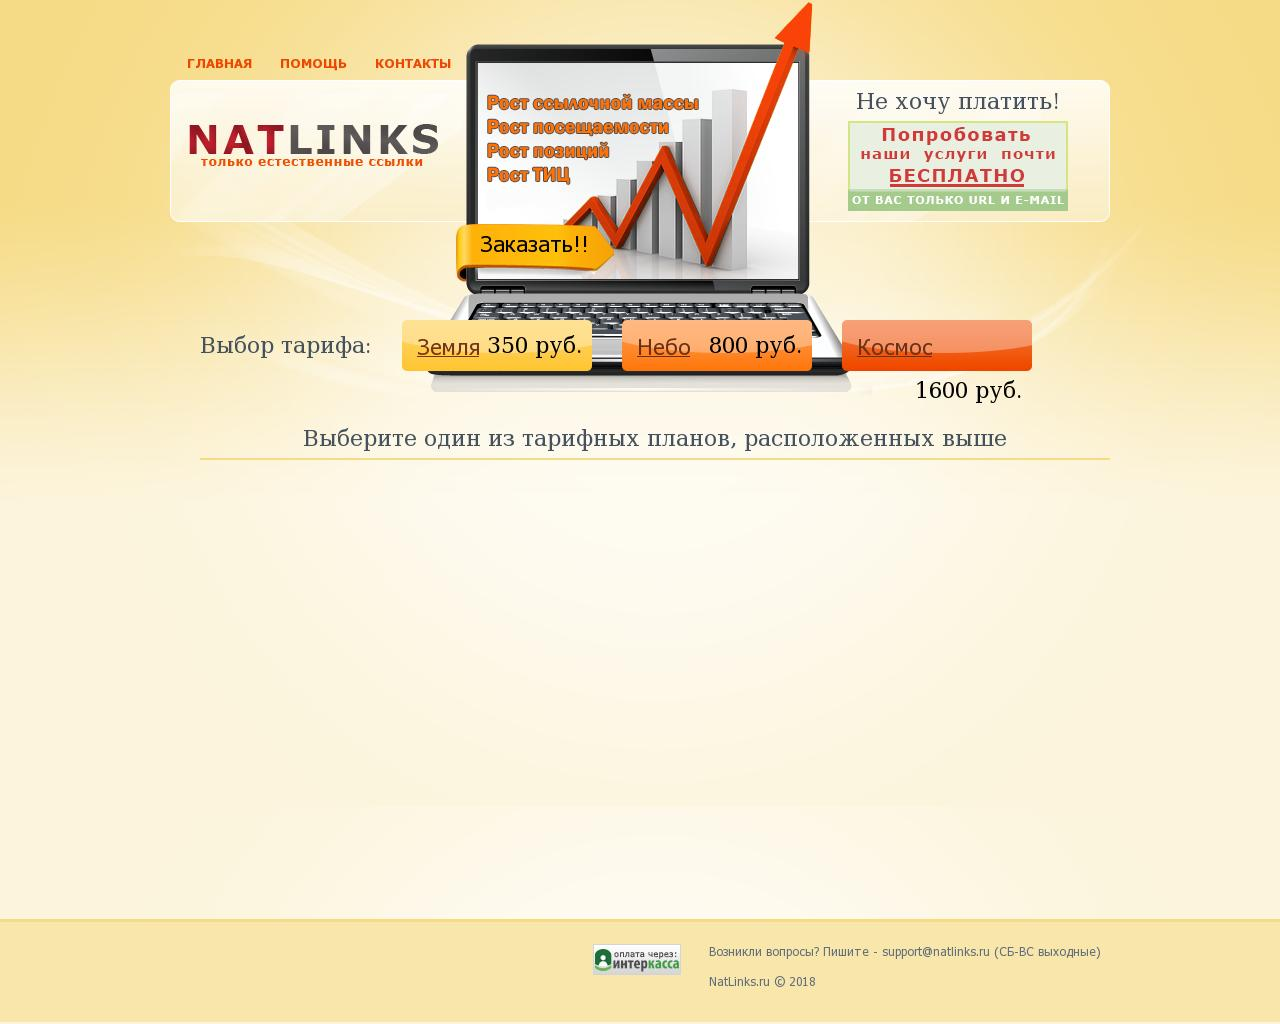 natlinks.ru Способы Seo Продвижения Сайтов, Советы По Оптимизации